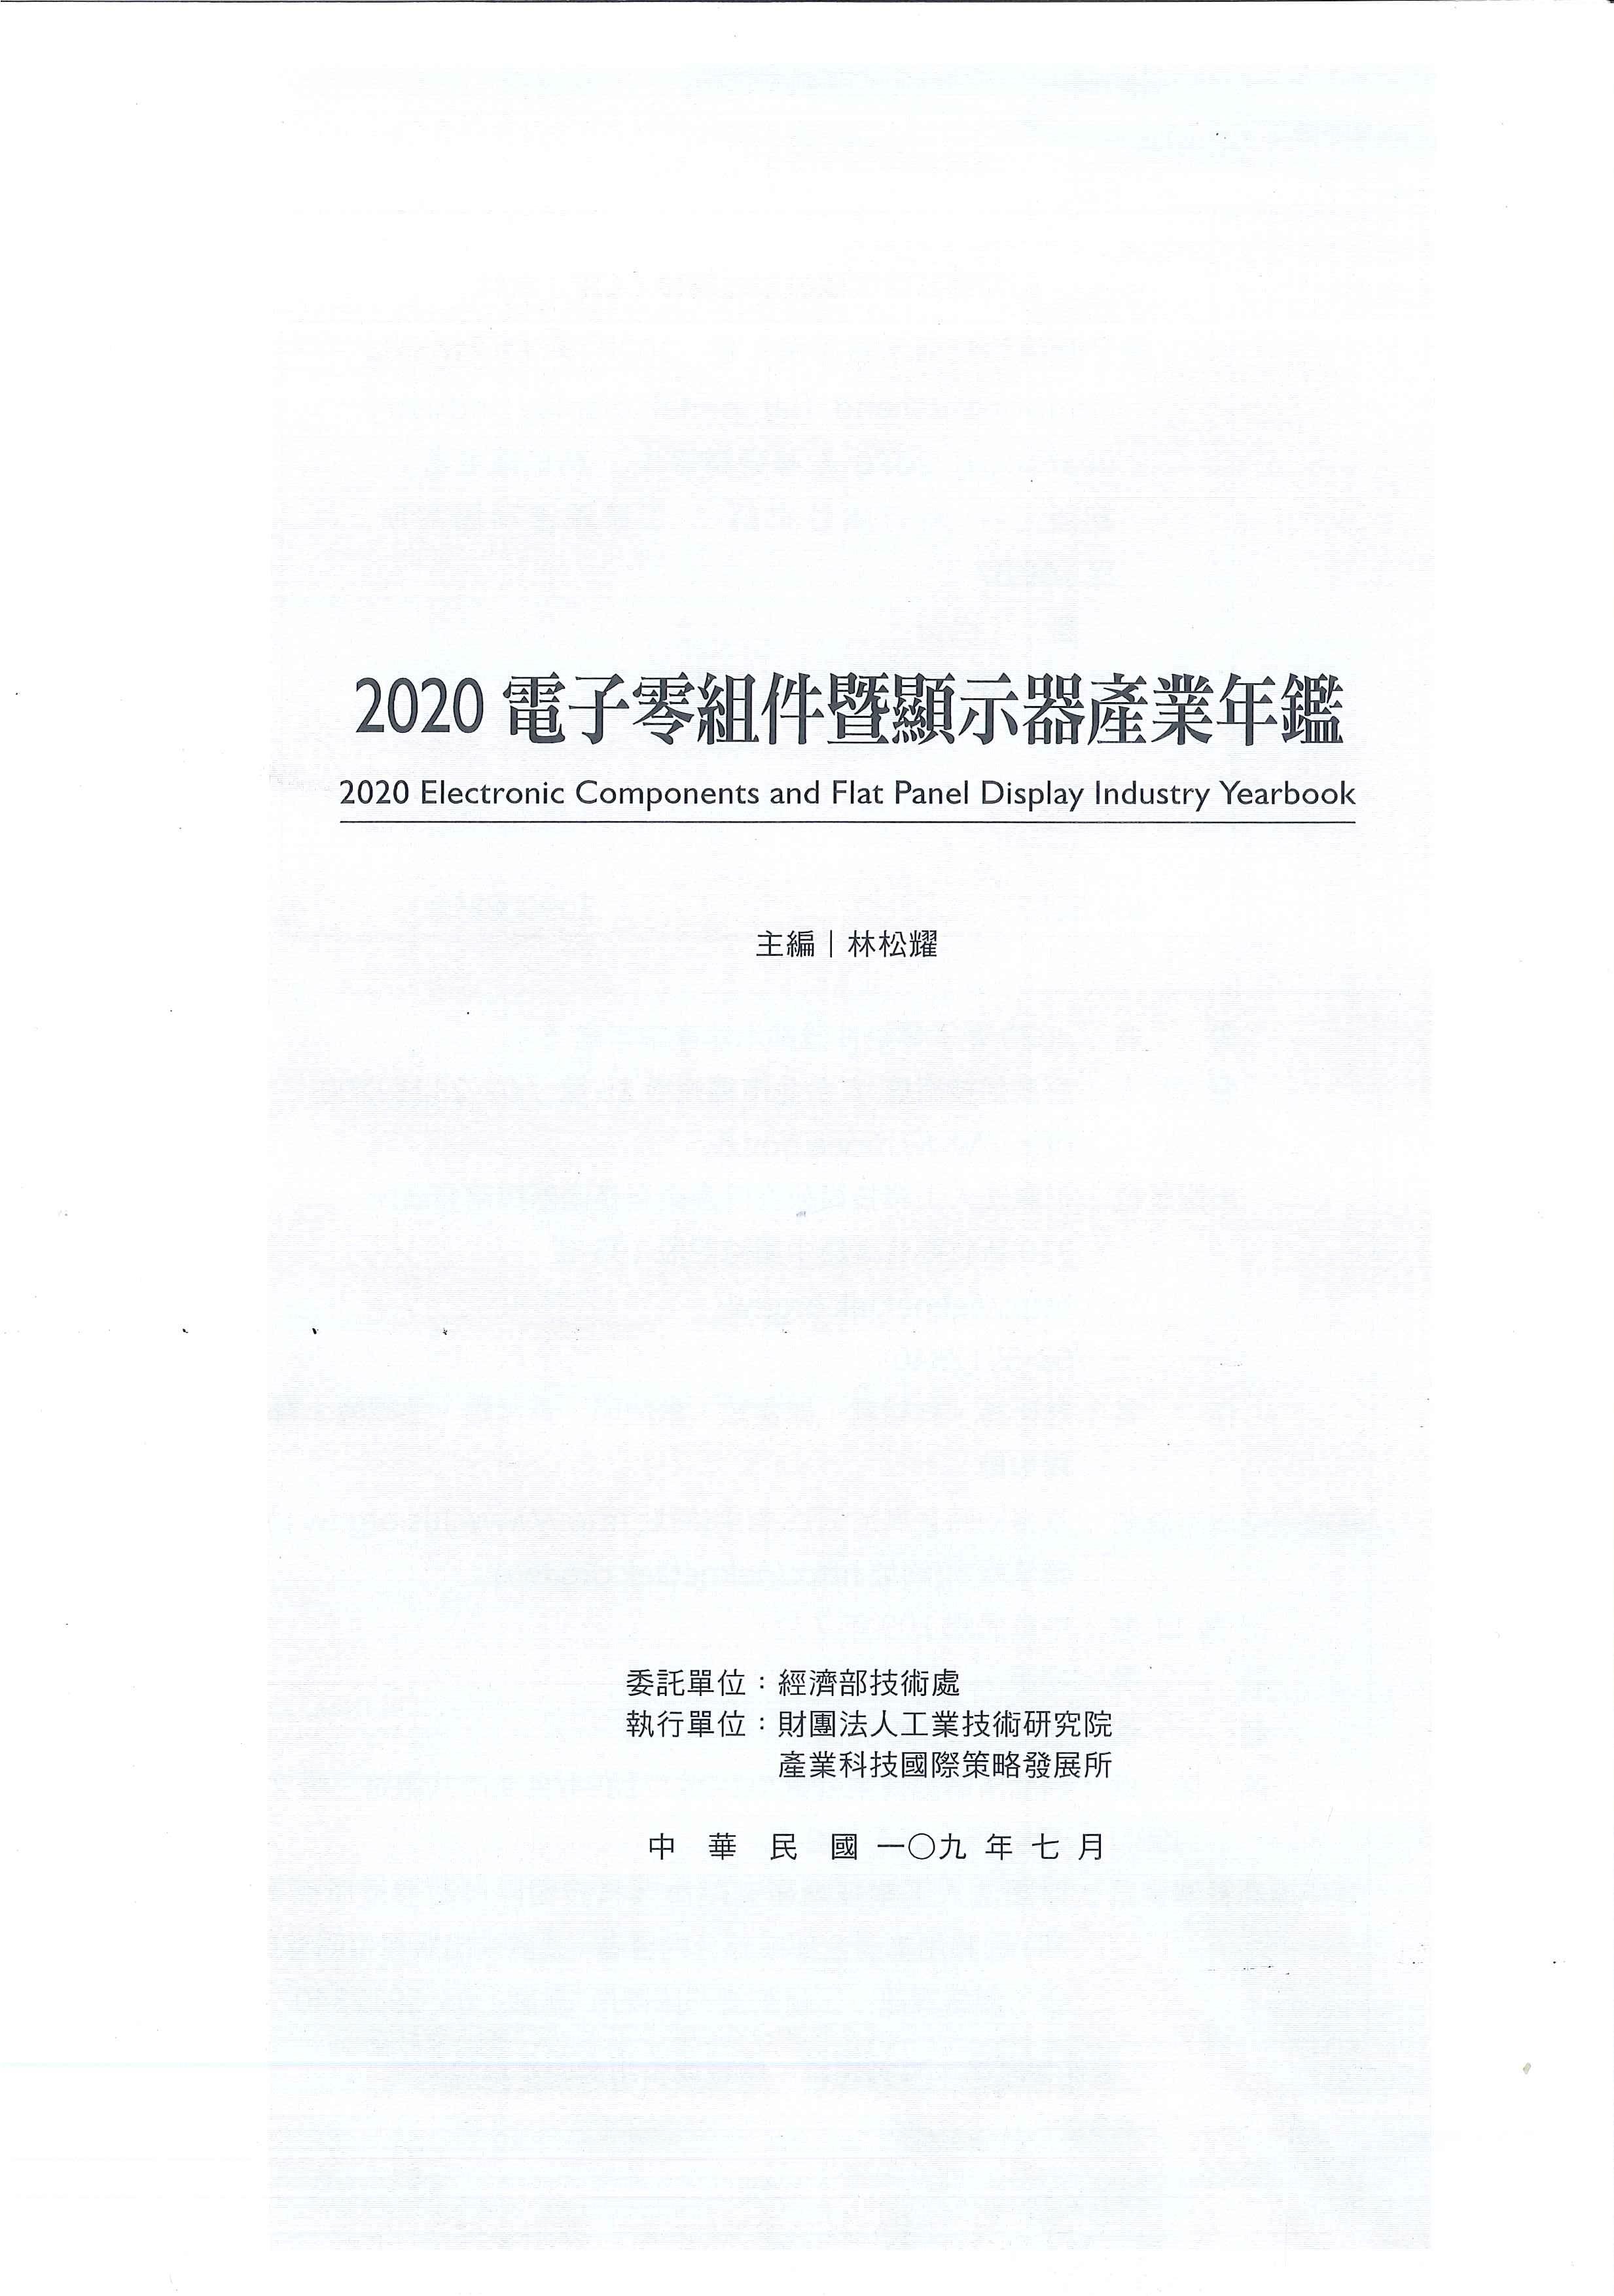 電子零組件暨顯示器產業年鑑=Electronic components and flat panel display industry yearbook